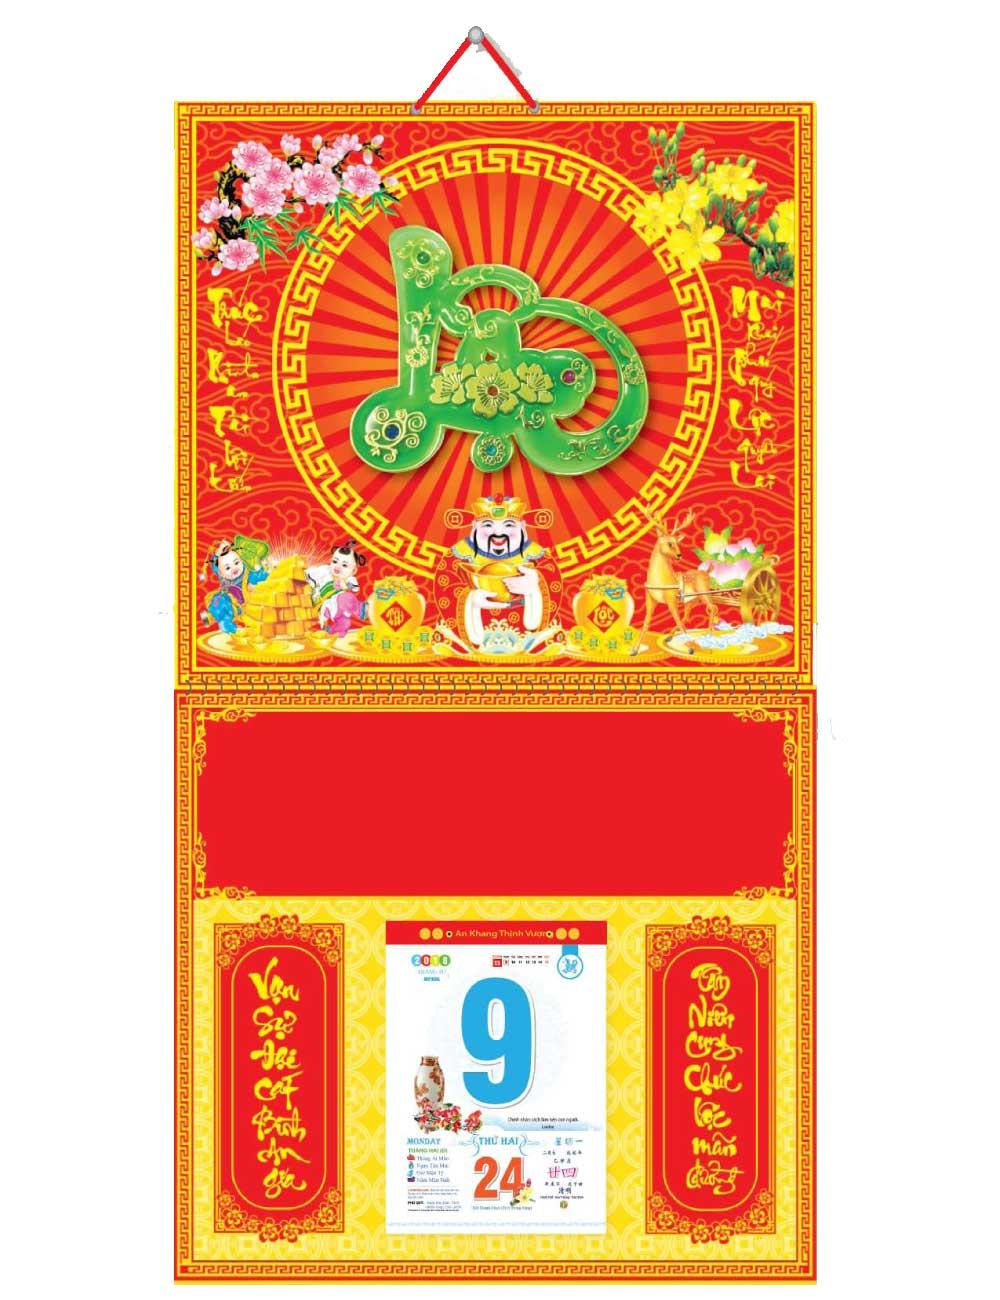 KV181 - Bìa 2018 Treo Lịch Lò Xo Giữa Dán Chữ Nổi (37 x 68 cm) - Thần Tài, Dán Chữ Lộc Cẩm Thạch - EBOOK/PDF/PRC/EPUB